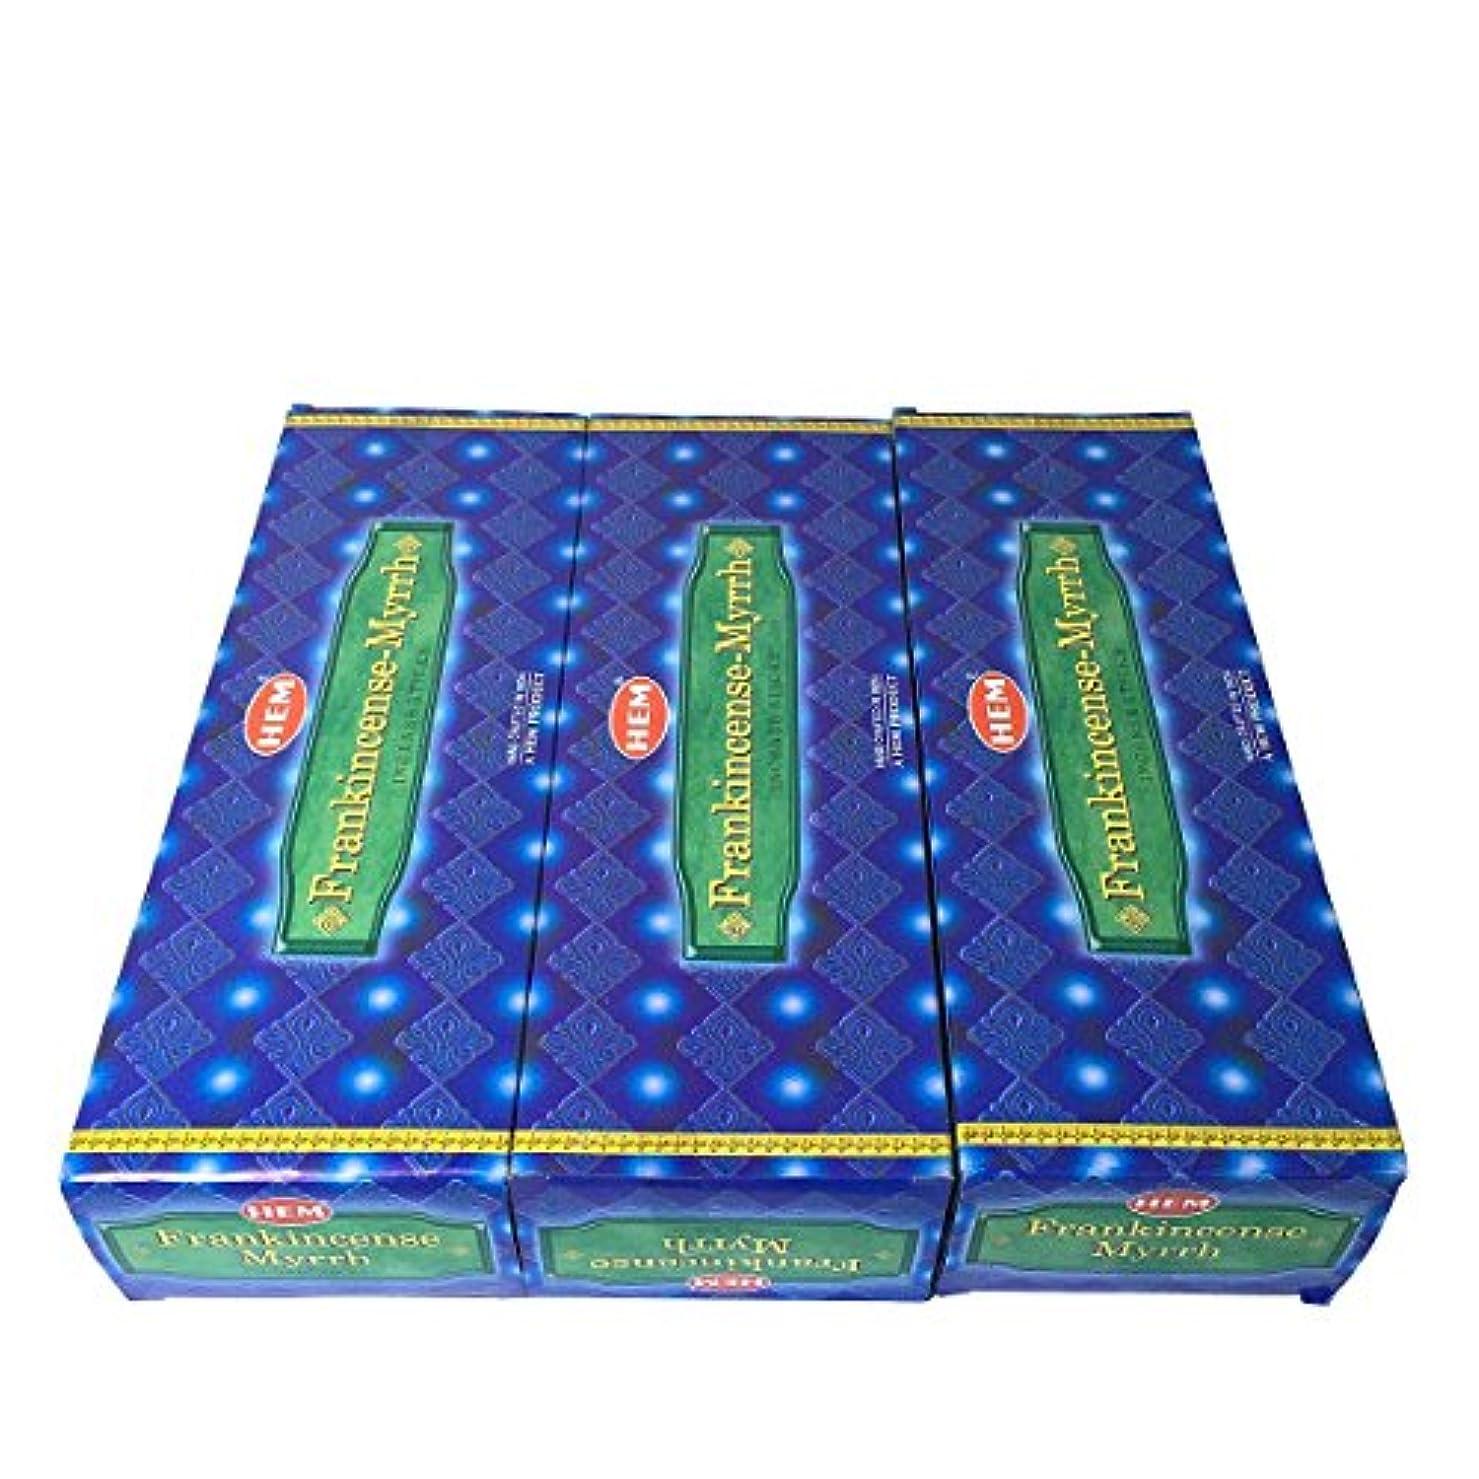 子孫異形無効フランキンセンス ミルラ香スティック 3BOX(18箱) /HEM FRANKINCENSE MYRRH/インセンス/インド香 お香 [並行輸入品]